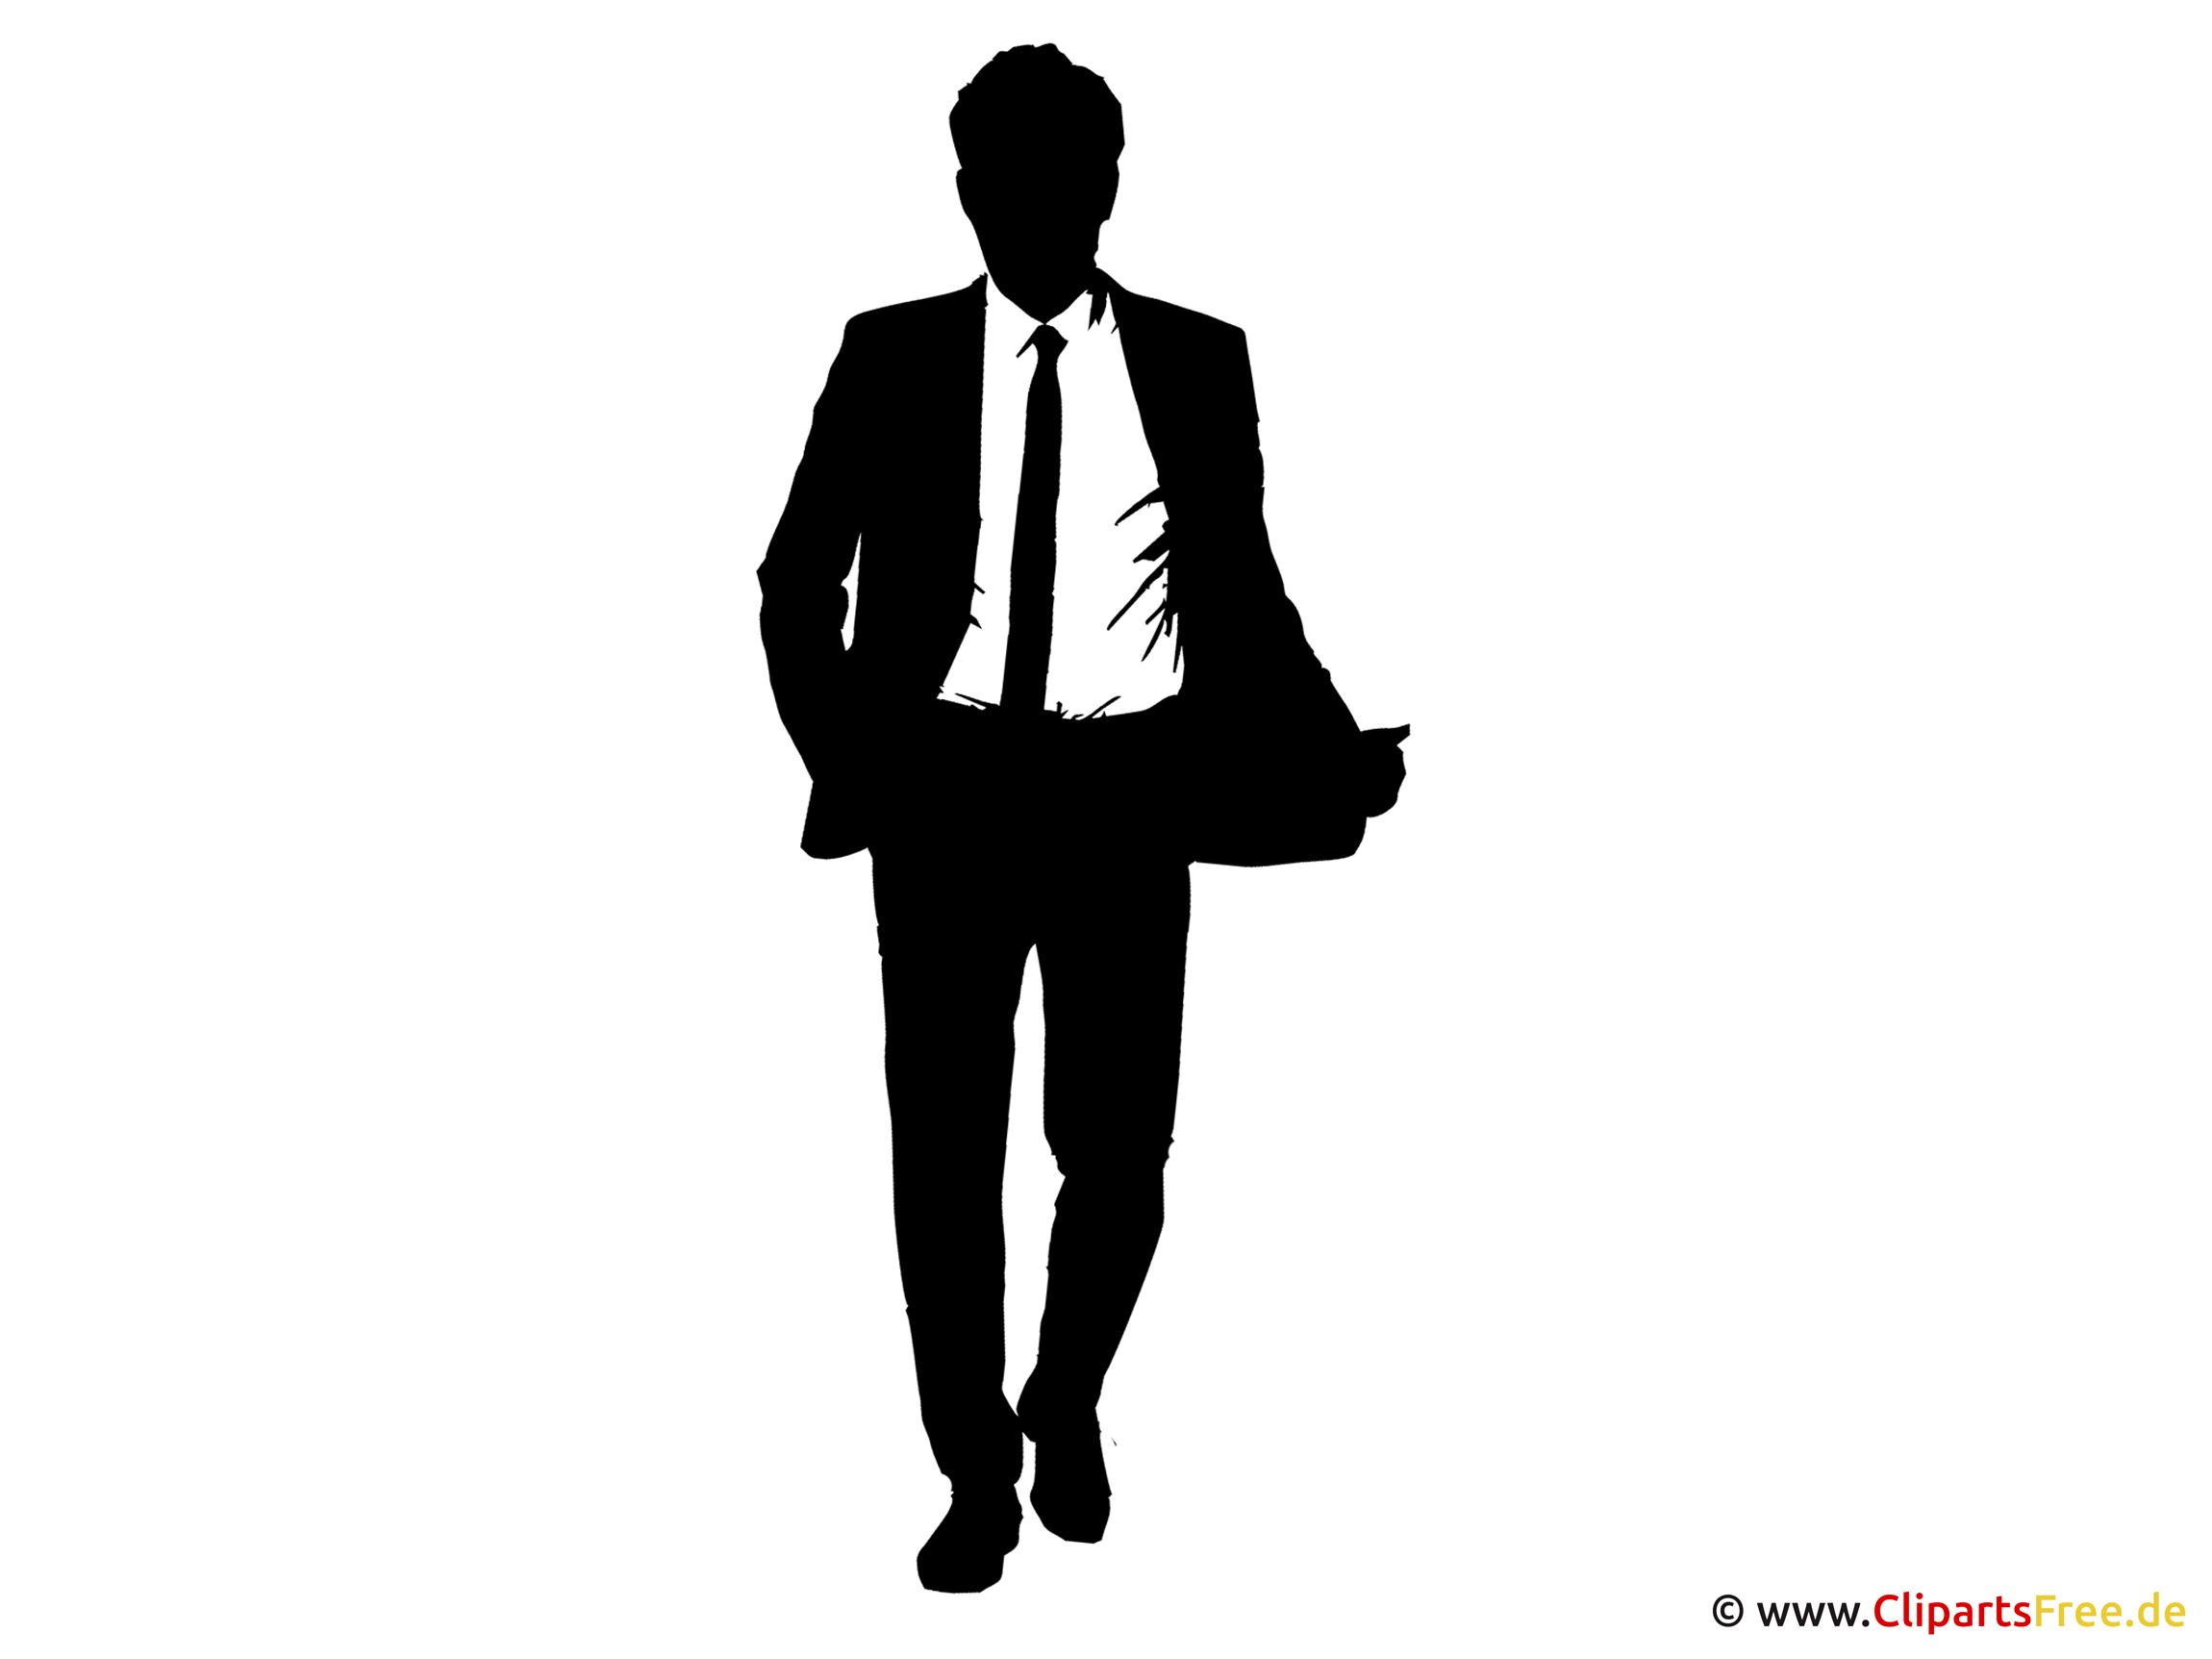 Mann im Anzug Silhouette Clipart